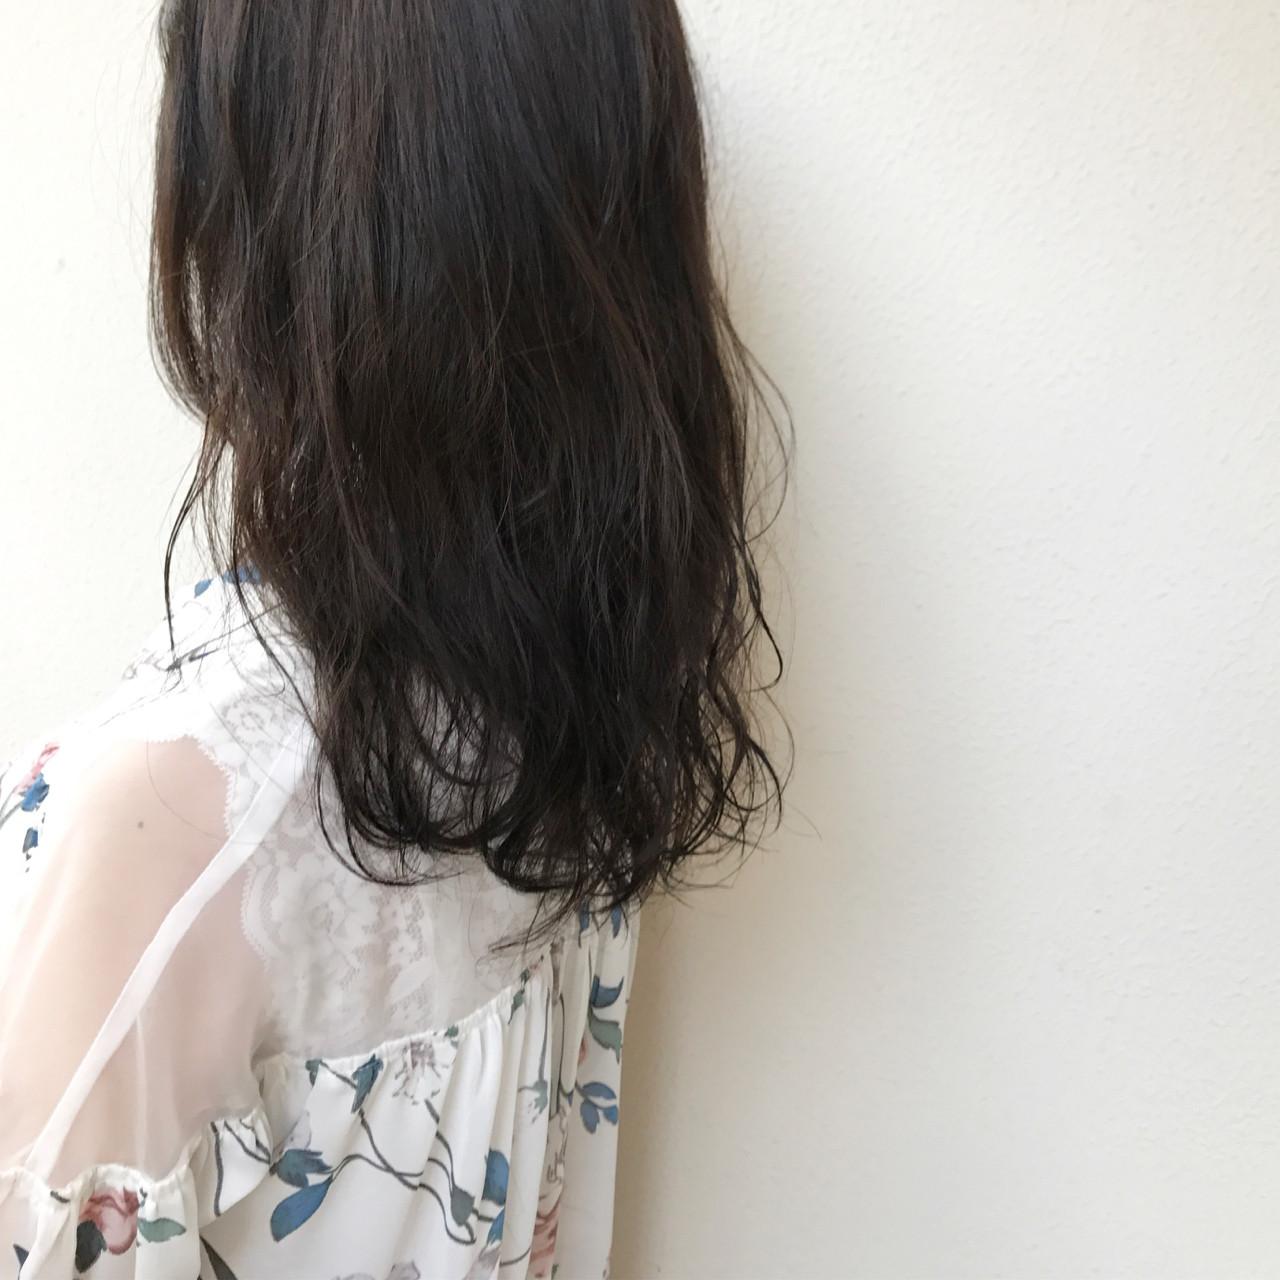 ナチュラル ロング ヘアアレンジ 透明感 ヘアスタイルや髪型の写真・画像 | 國崎 裕 / WEC hair